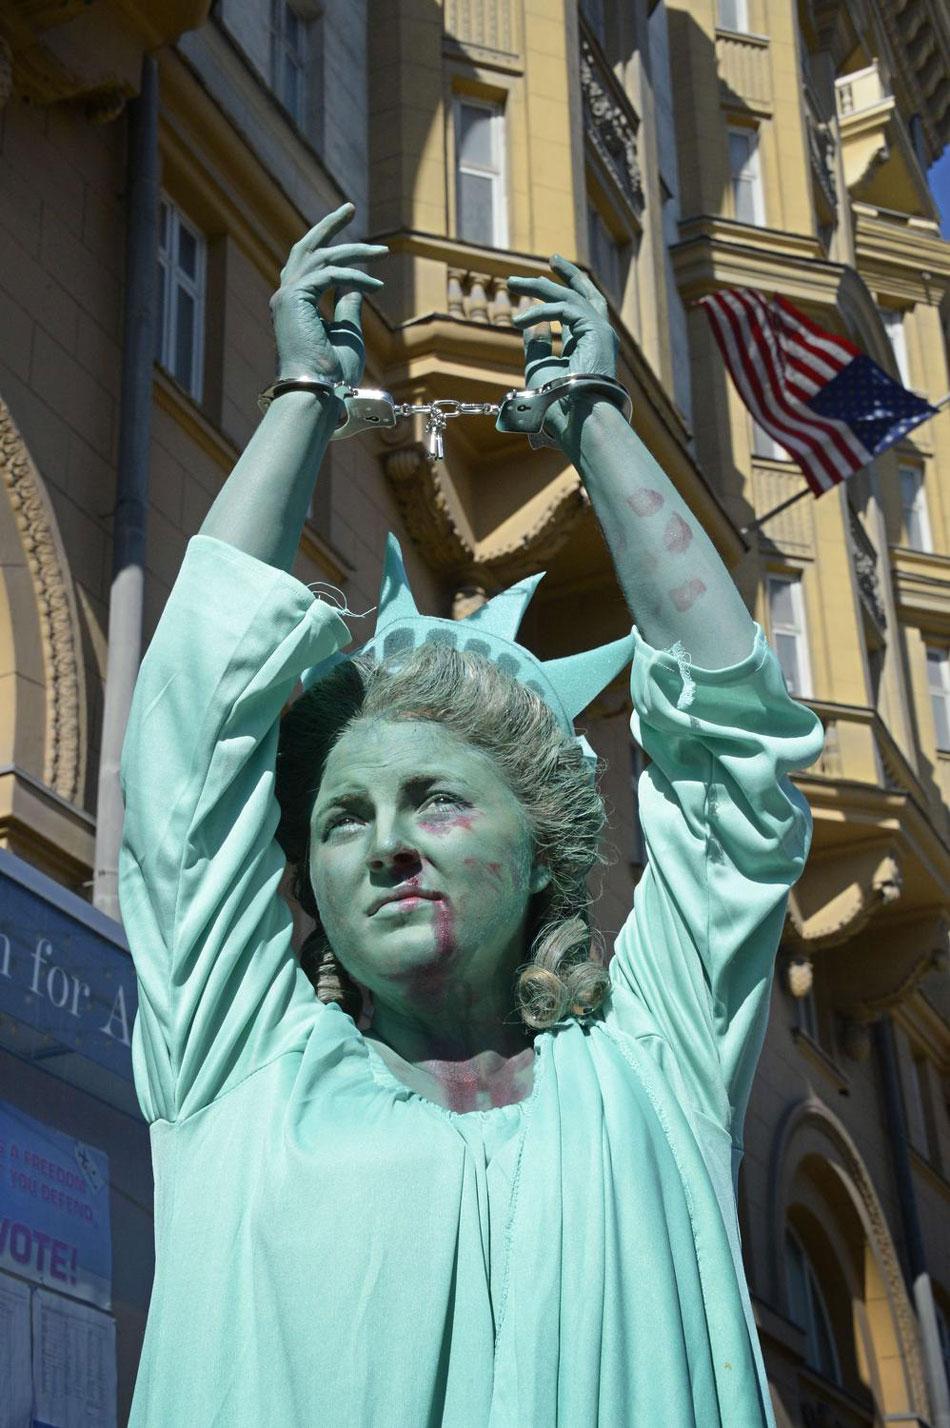 俄女子扮自由女神 美使馆前抗议美暴行